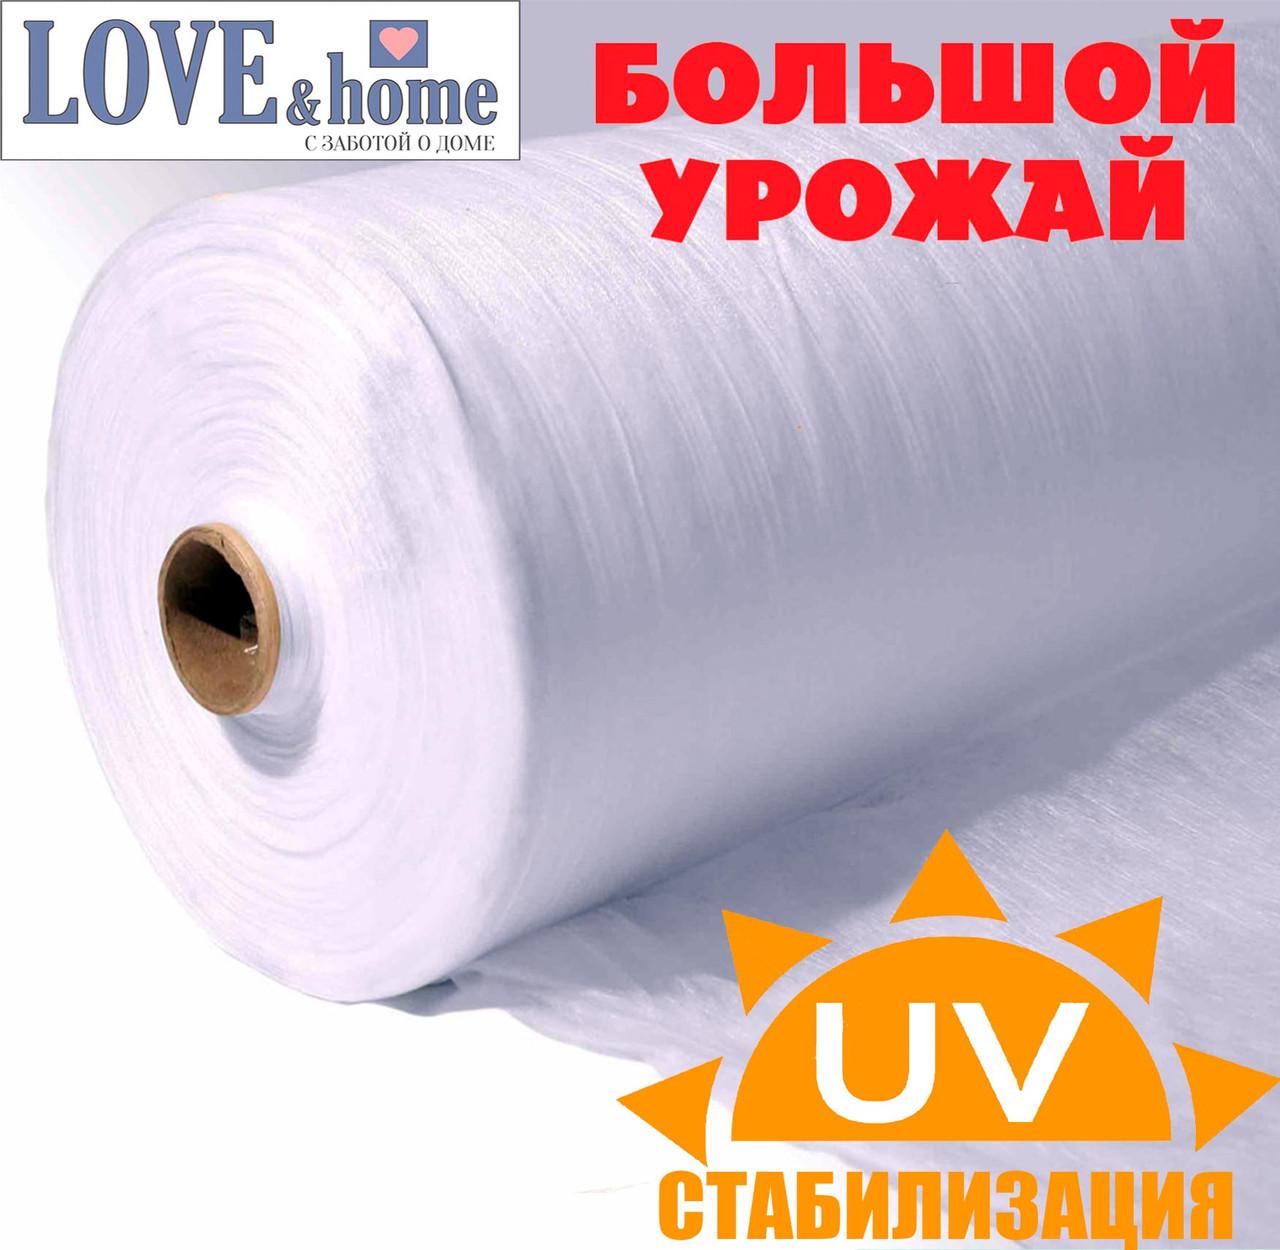 Агроволокно белое, плотность 23г/м². ширина 8.5 м. длинна 50м.